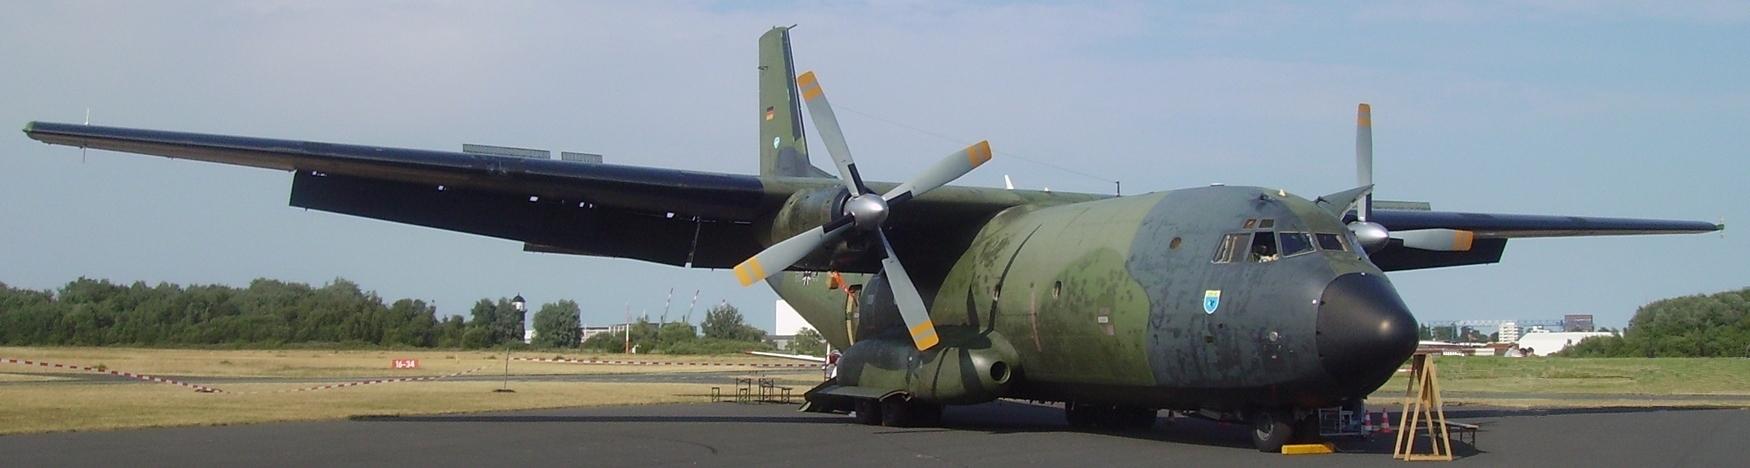 Transall-Maschine der Bundeswehr